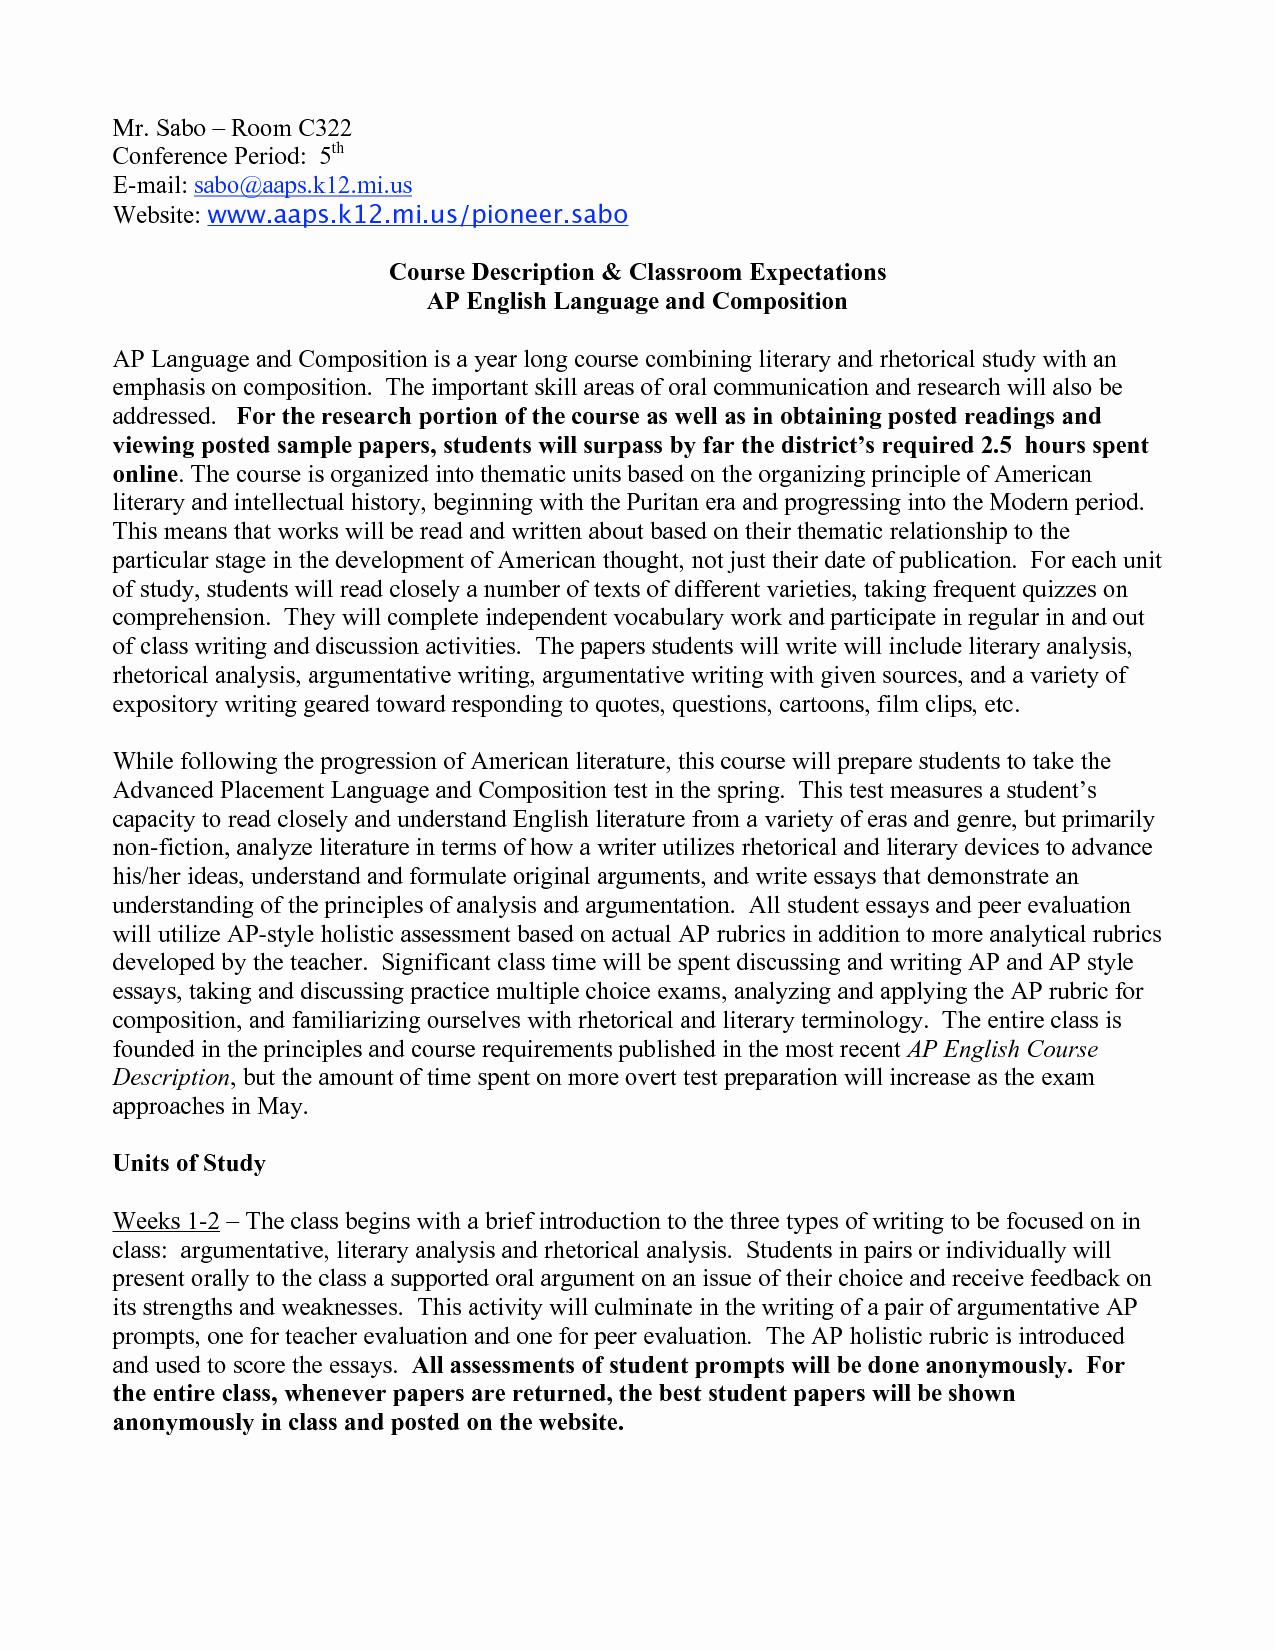 Good Title for Immigration Essay Elegant 57 Evaluation Essay topics Easy Evaluation Essay topics